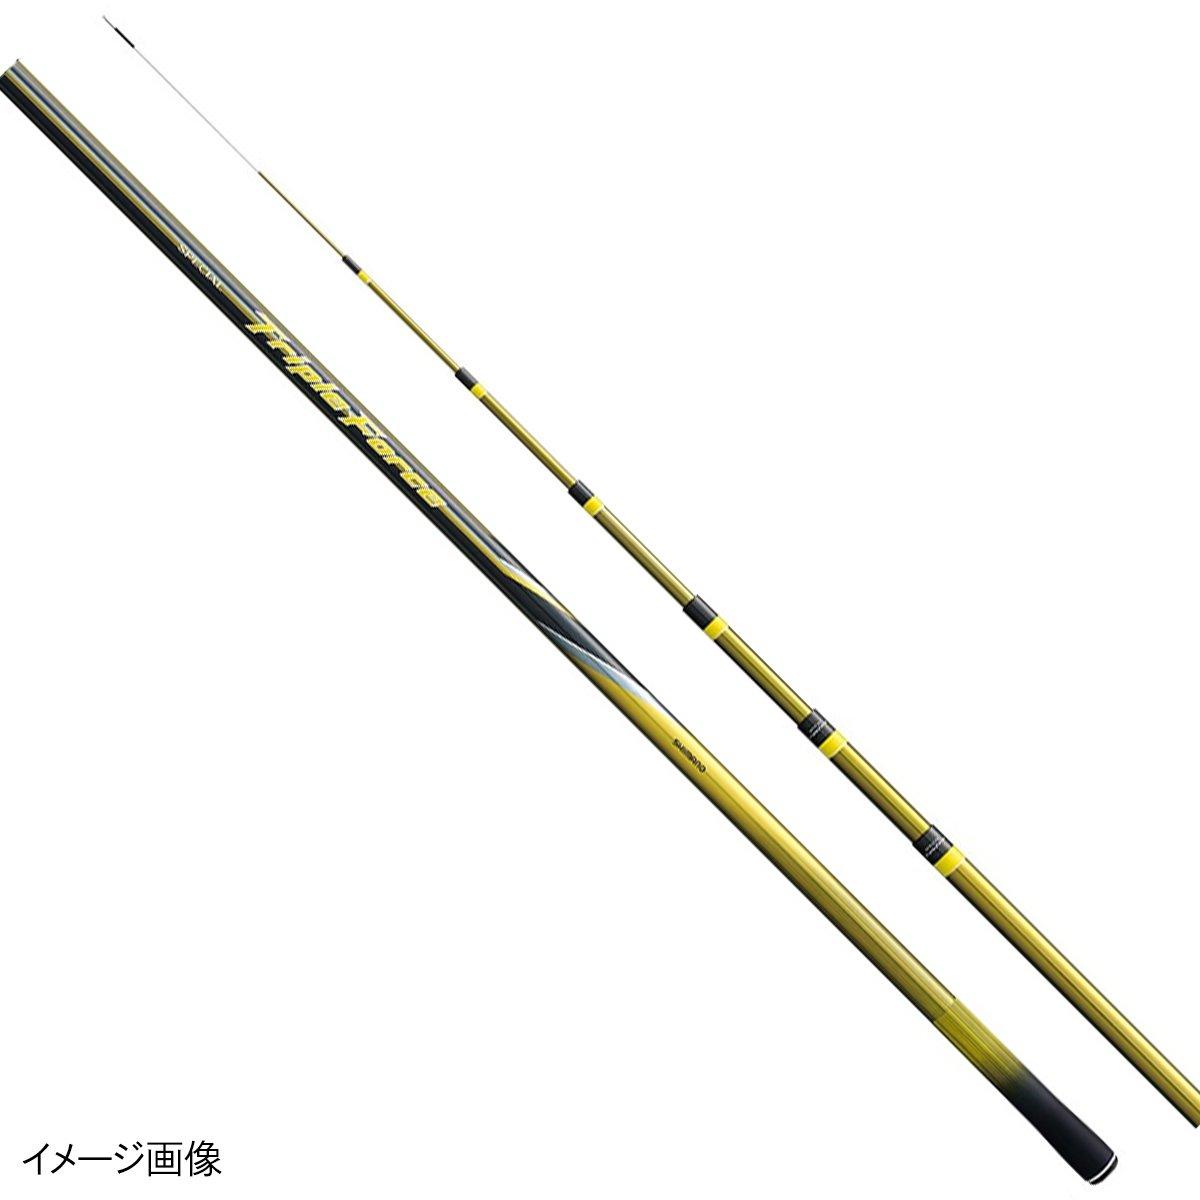 シマノ スペシャル トリプルフォース 急瀬S 85NM B01N30T8LG